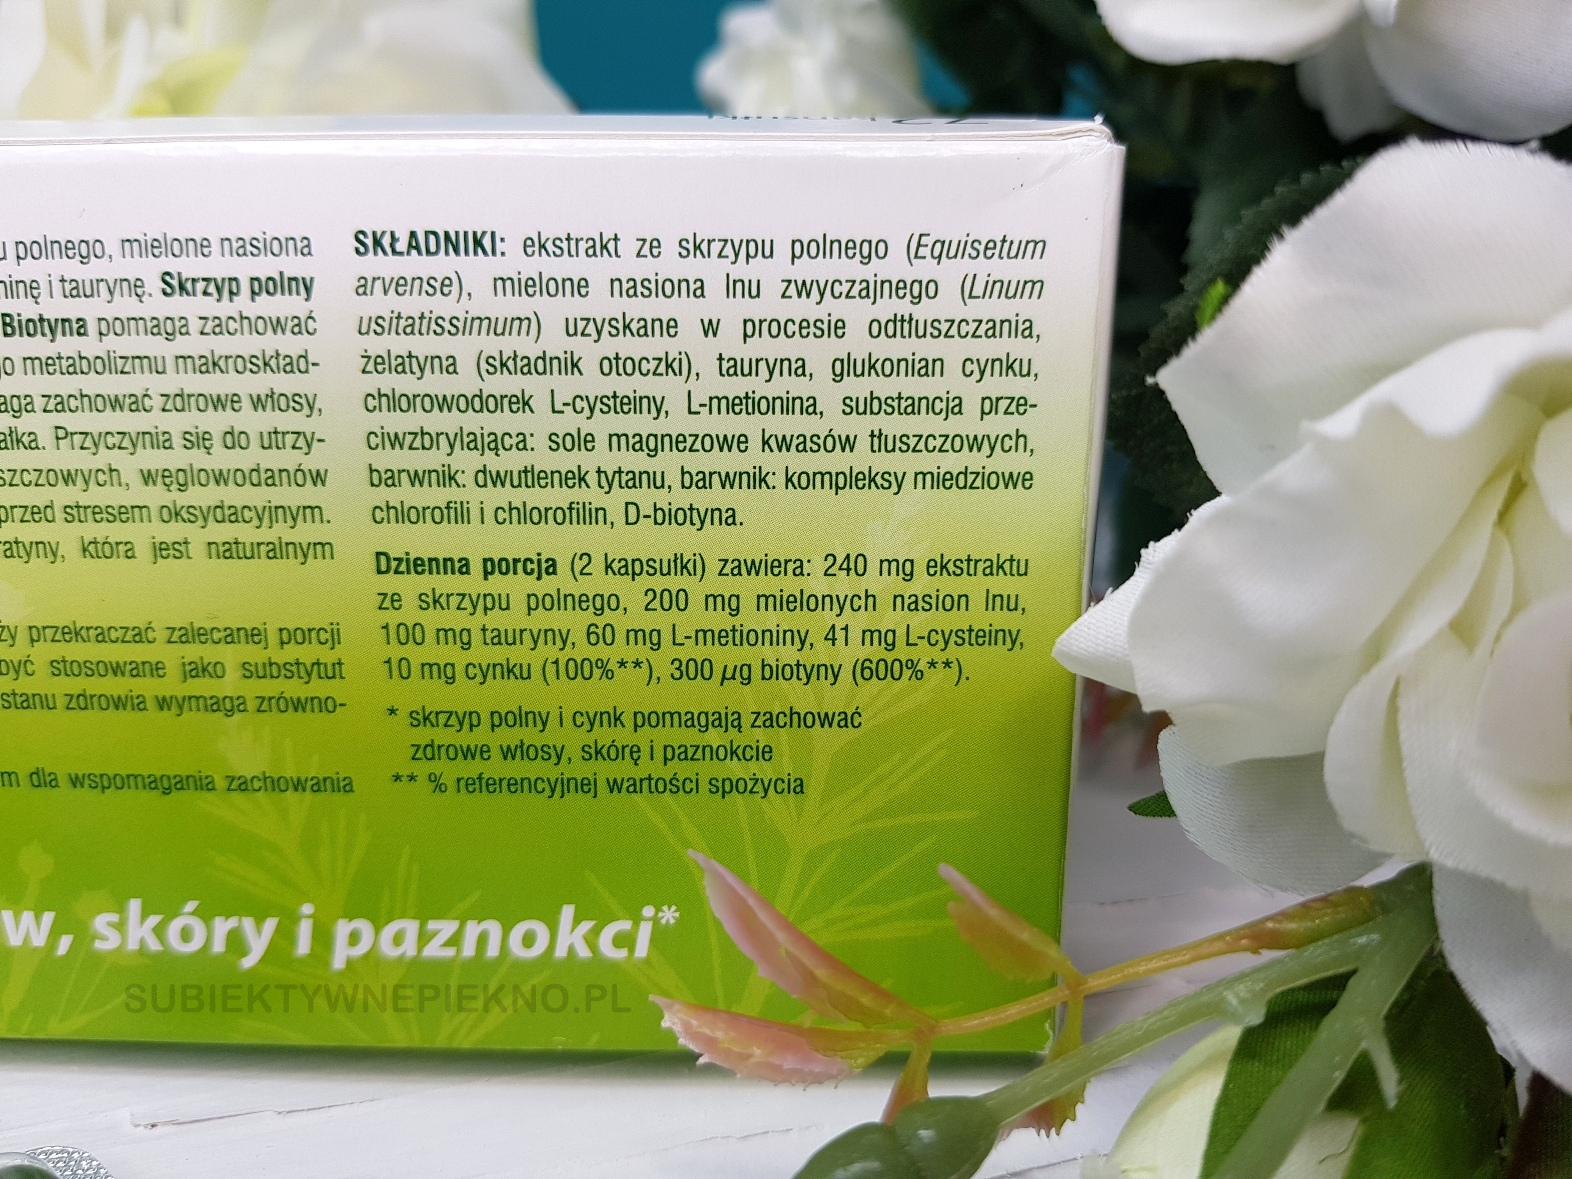 Skrzypolen z biotyną Oleofarm dla włosów, paznokci i skóry 72  skład, działanie, opinie, blog